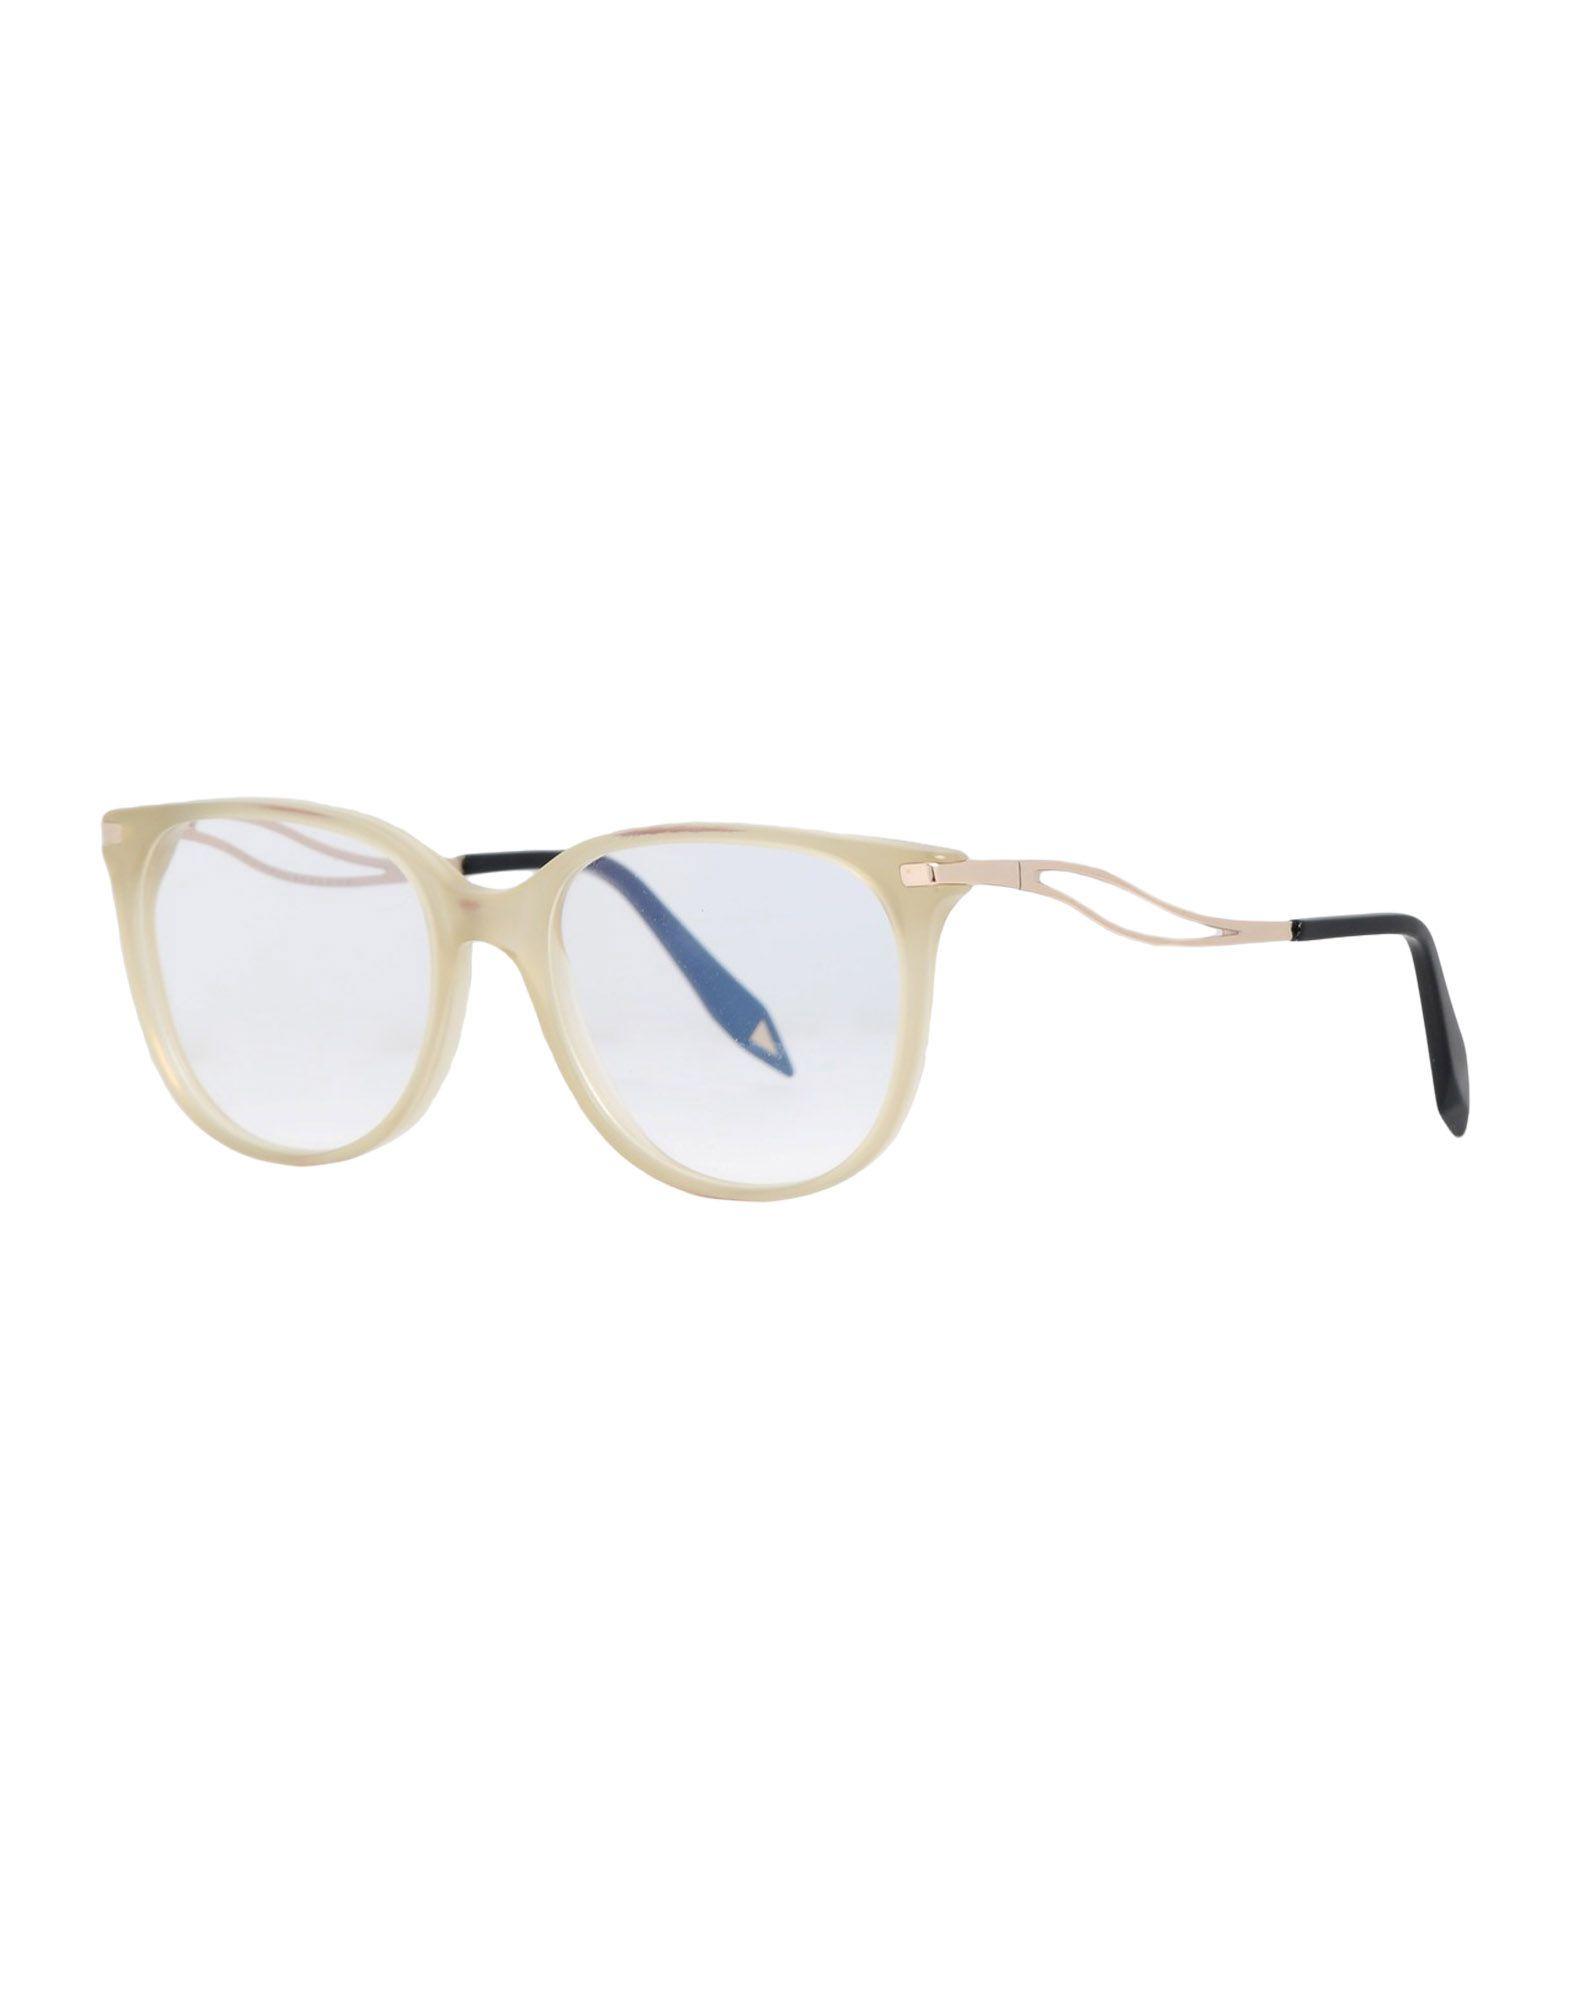 VICTORIA BECKHAM Damen Brille Farbe Sand Größe 1